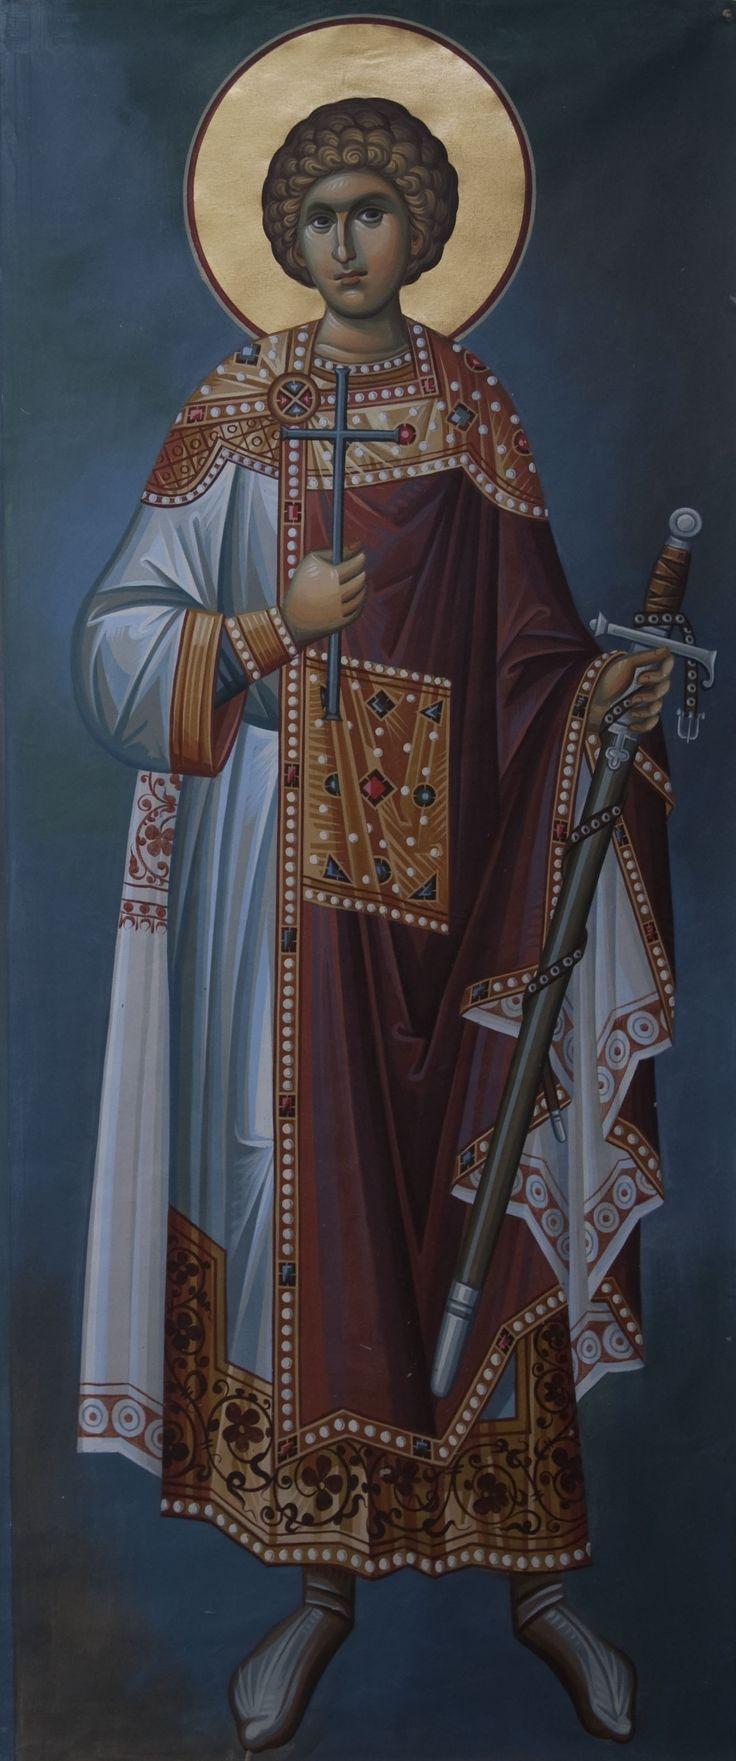 Άγιος Γεώργιος / Saint George